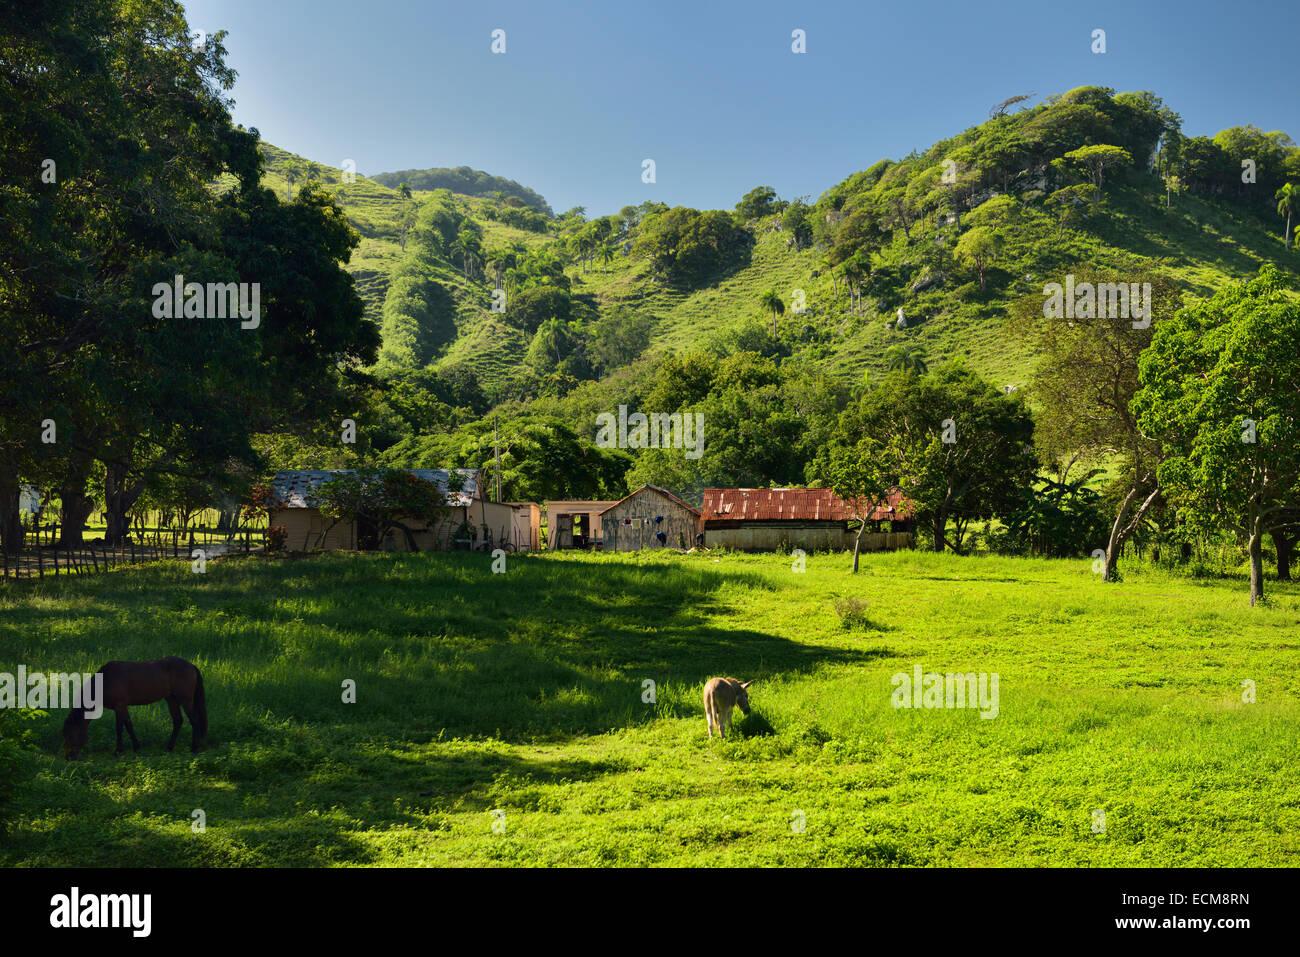 Cheval et mule ranch de pâturage d'herbe verte à côté d'un terrain à l'ouest Photo Stock